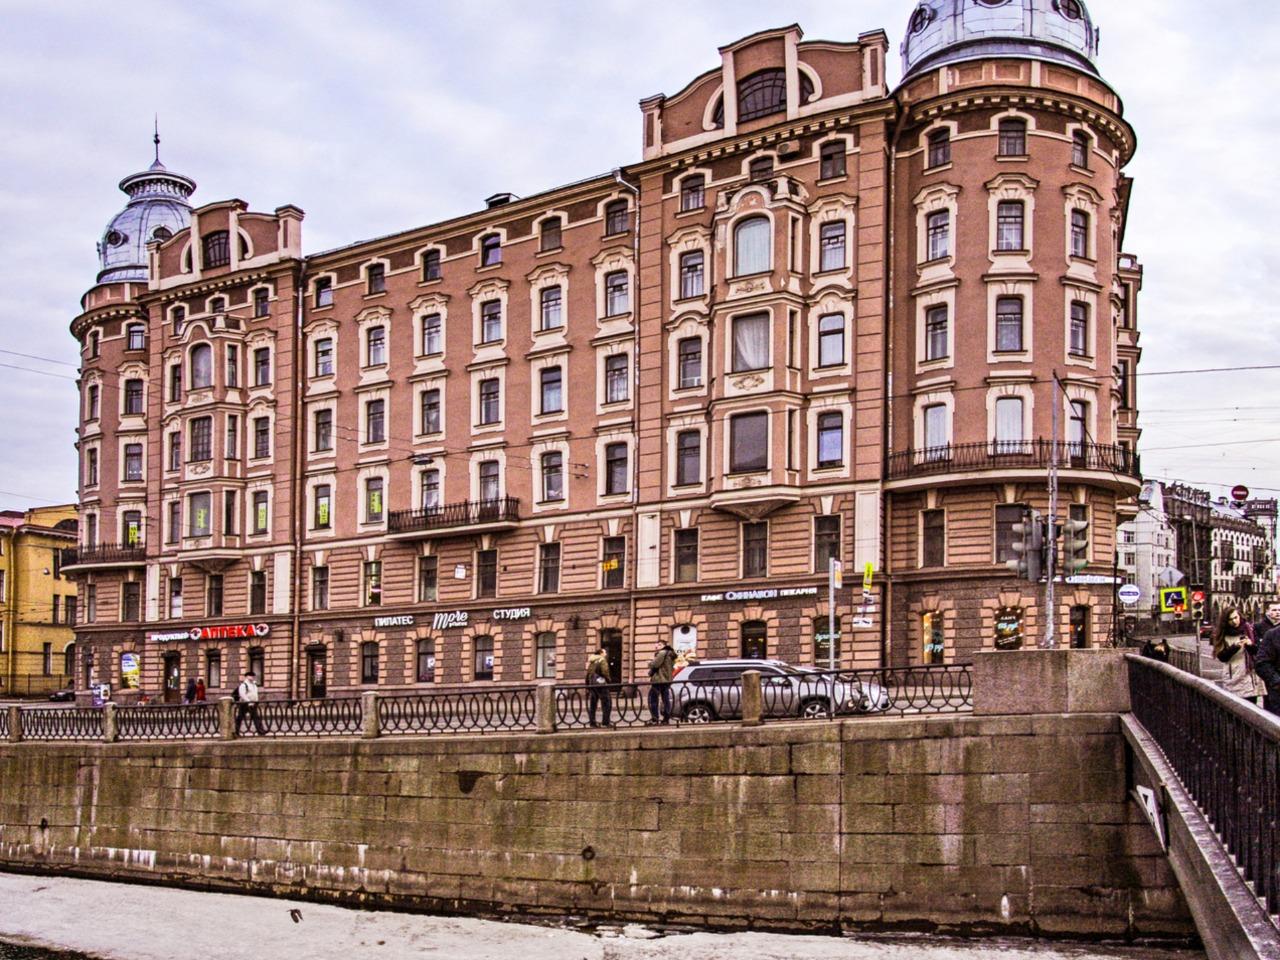 Завораживающие дворы Петроградской стороны - групповая экскурсия по Санкт-Петербургу от опытного гида